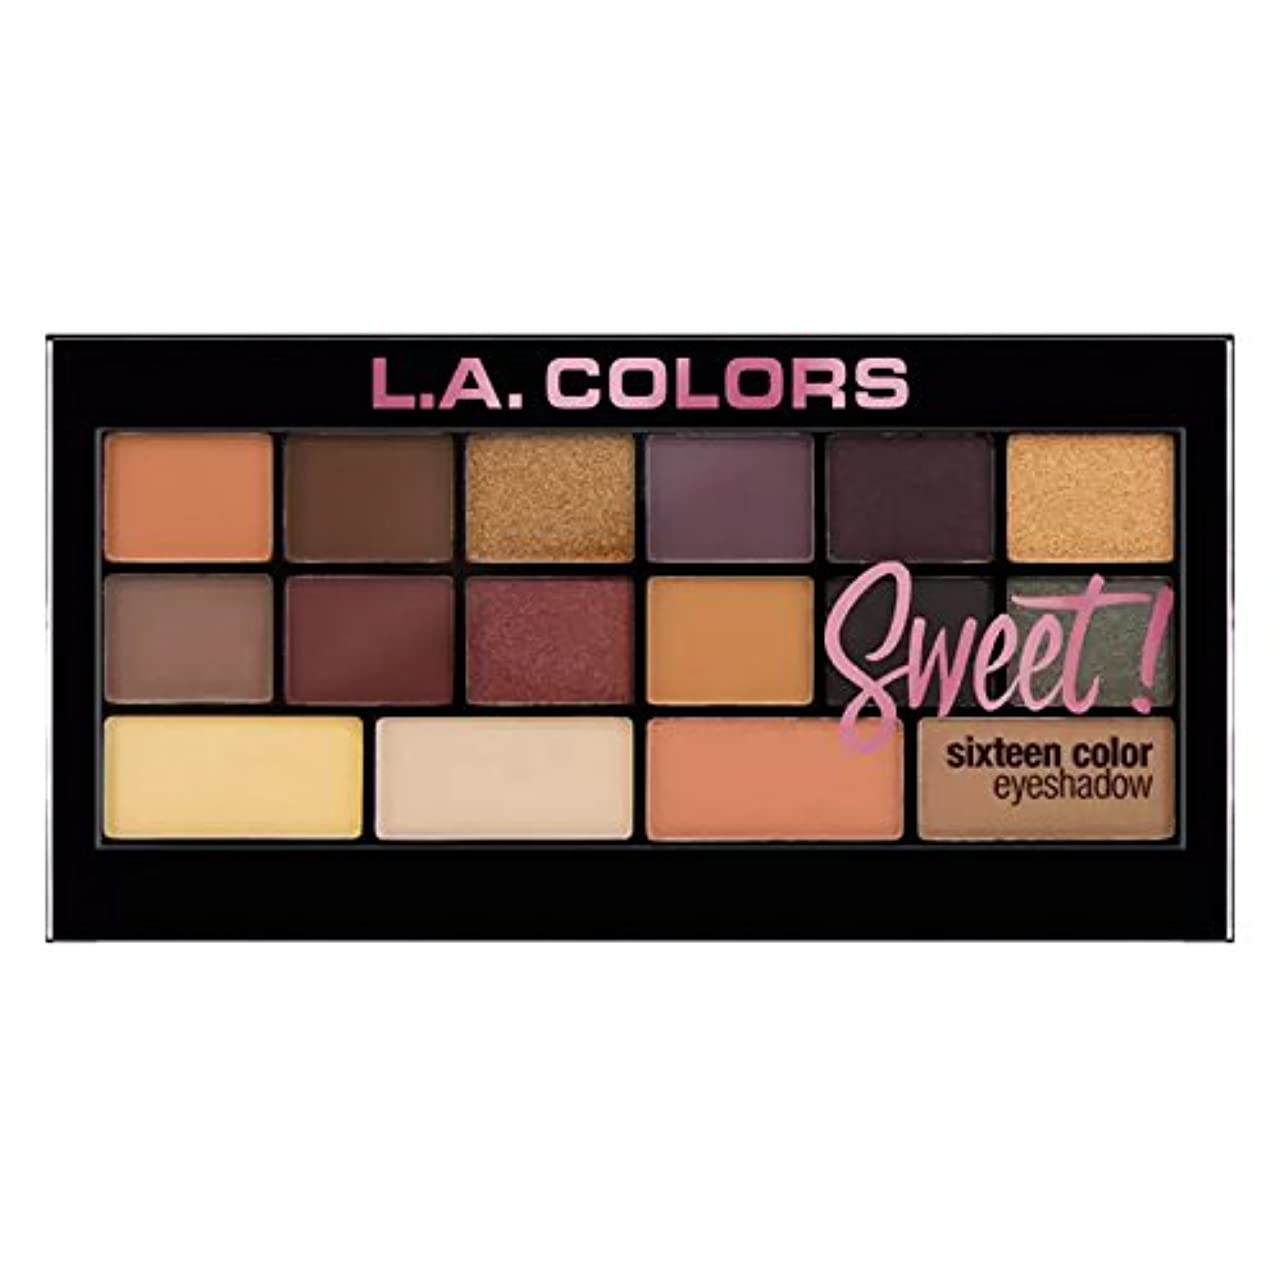 歩く排他的アトミック(3 Pack) L.A. Colors Sweet! 16 Color Eyeshadow Palette - Brave (並行輸入品)